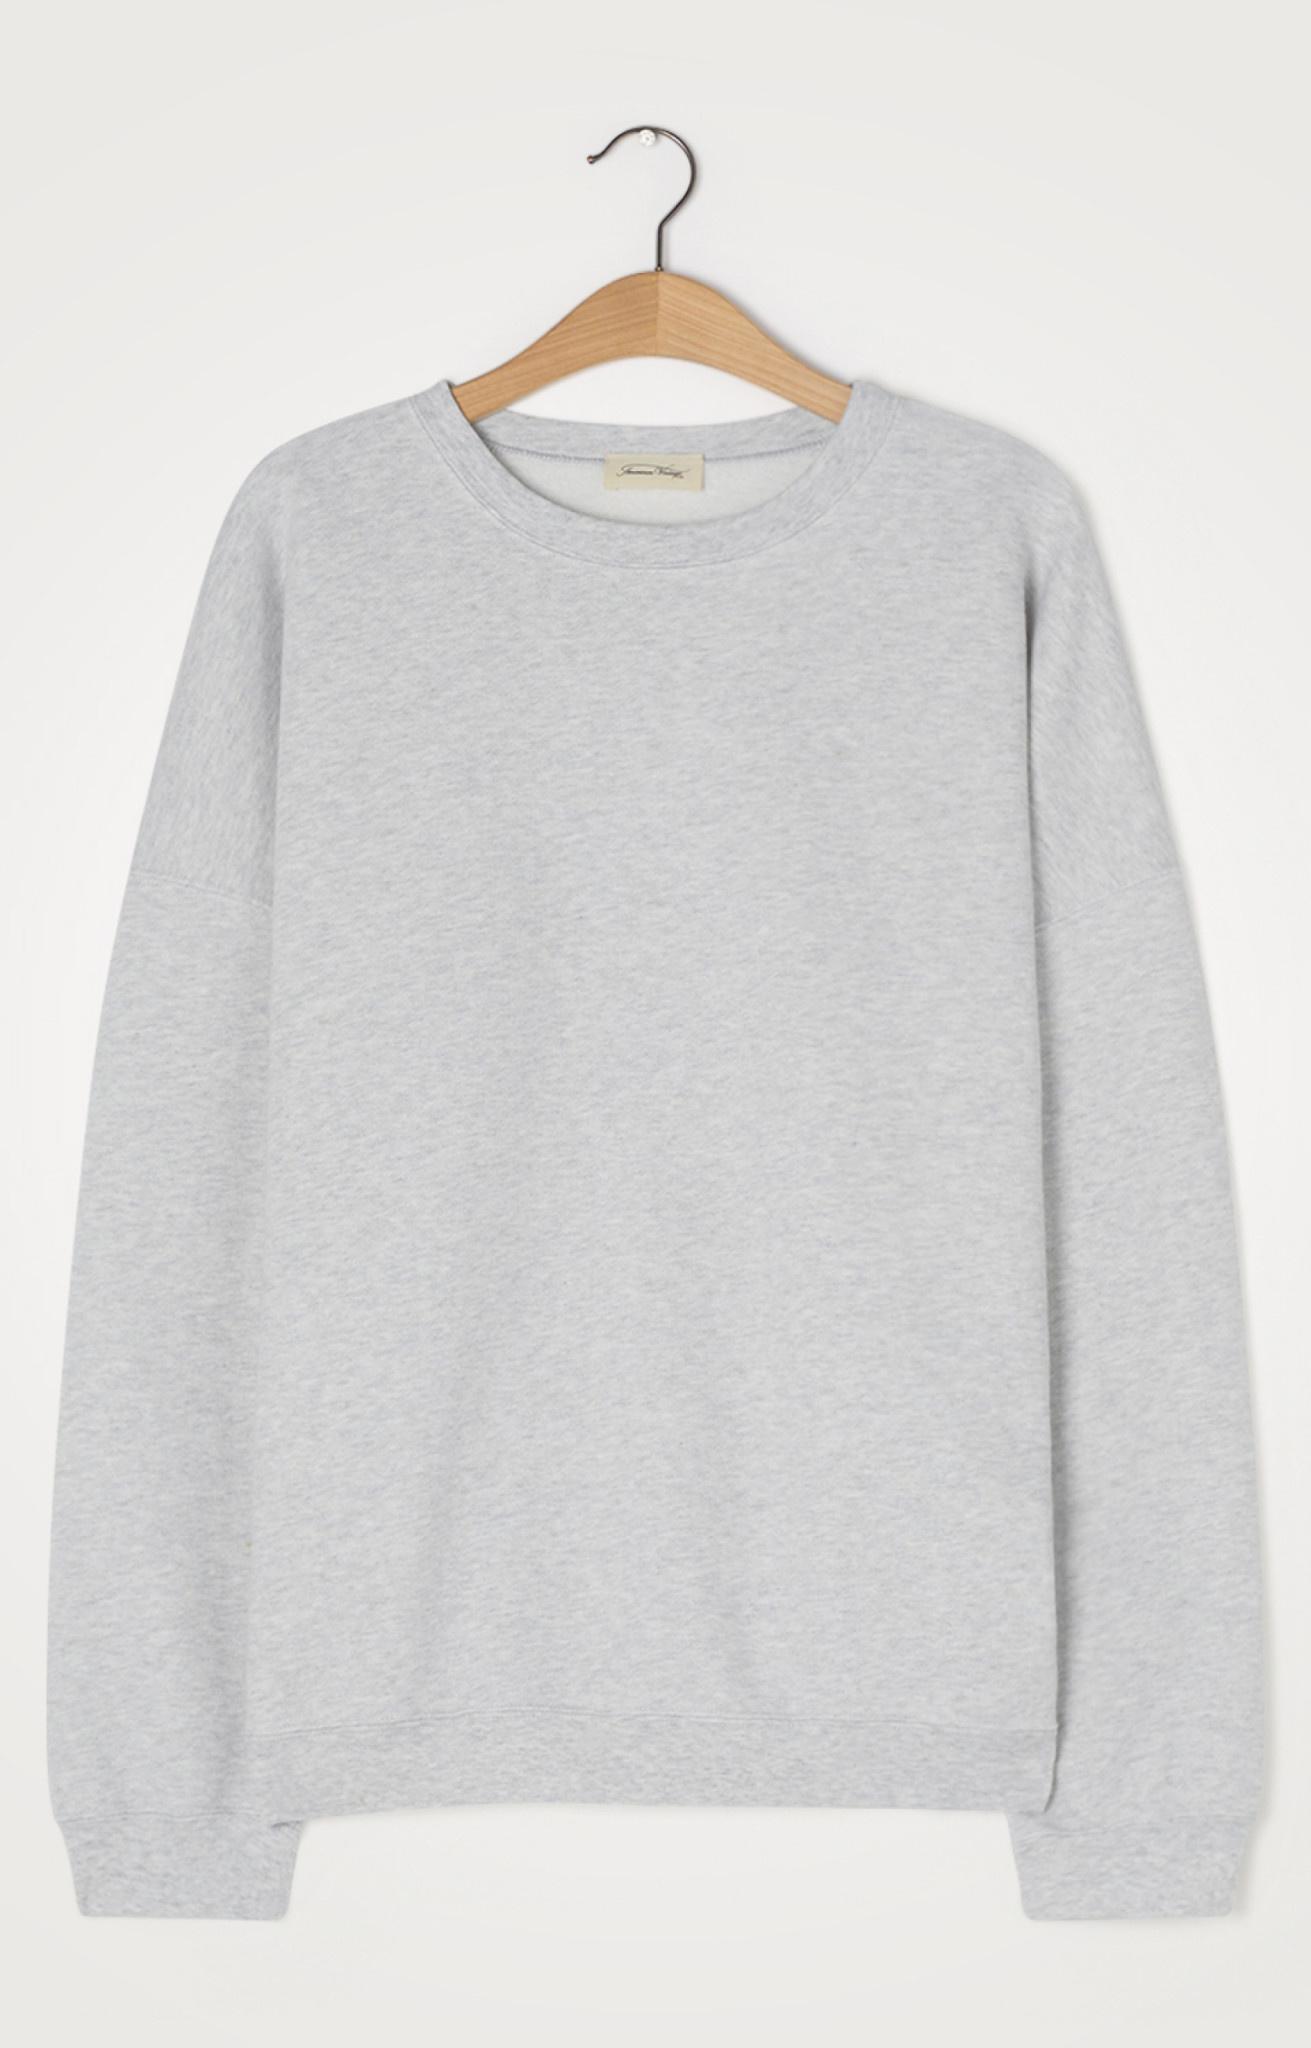 Baetown Sweatshirt Grey Melange-1